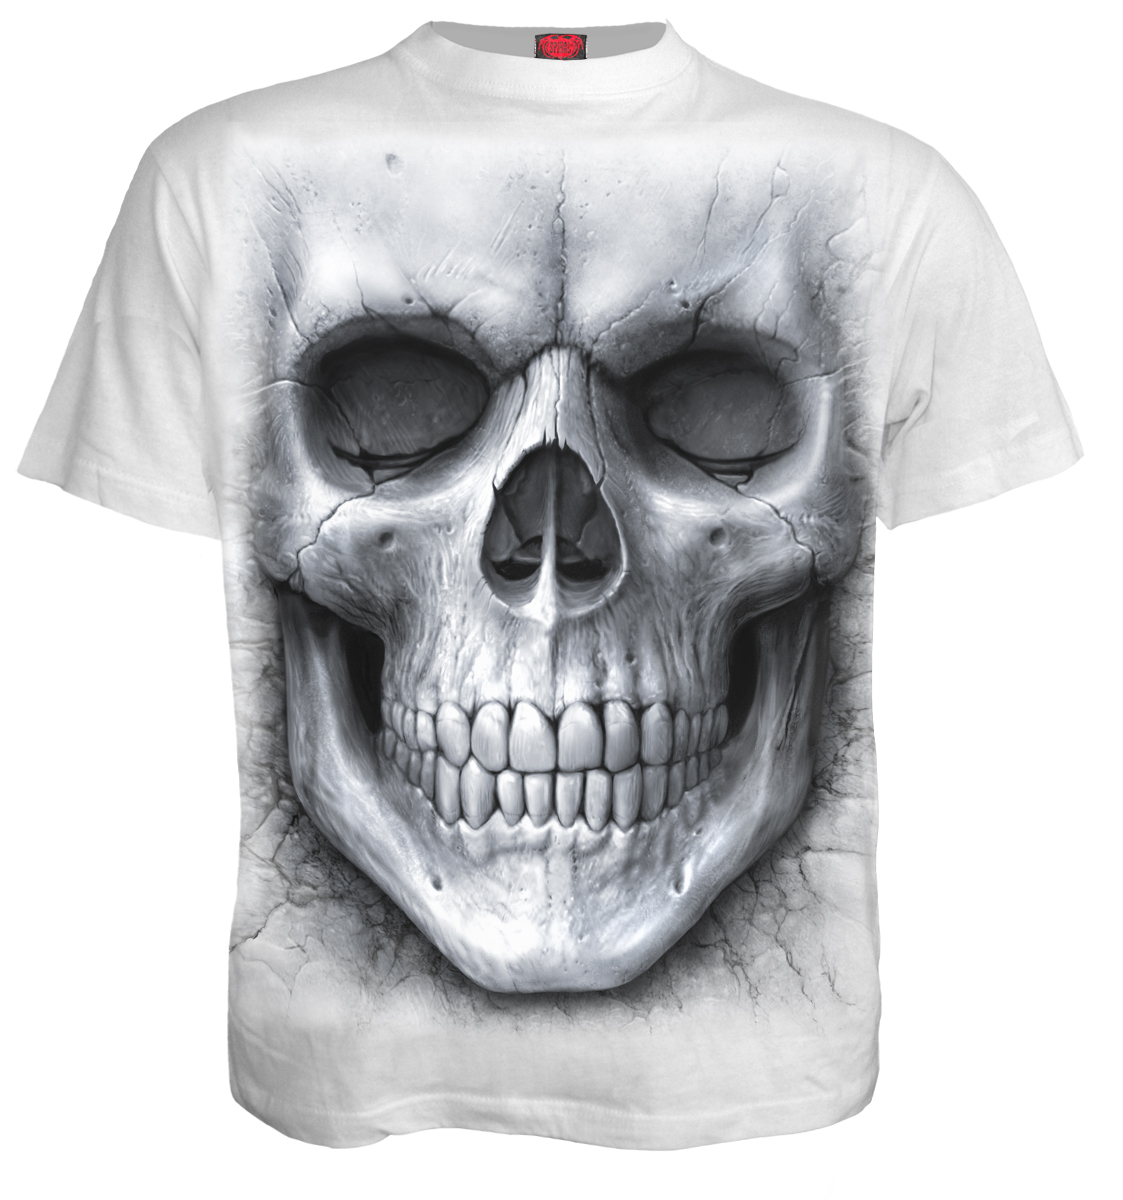 SPIRAL Solemn Skull T-Shirt White S012M113